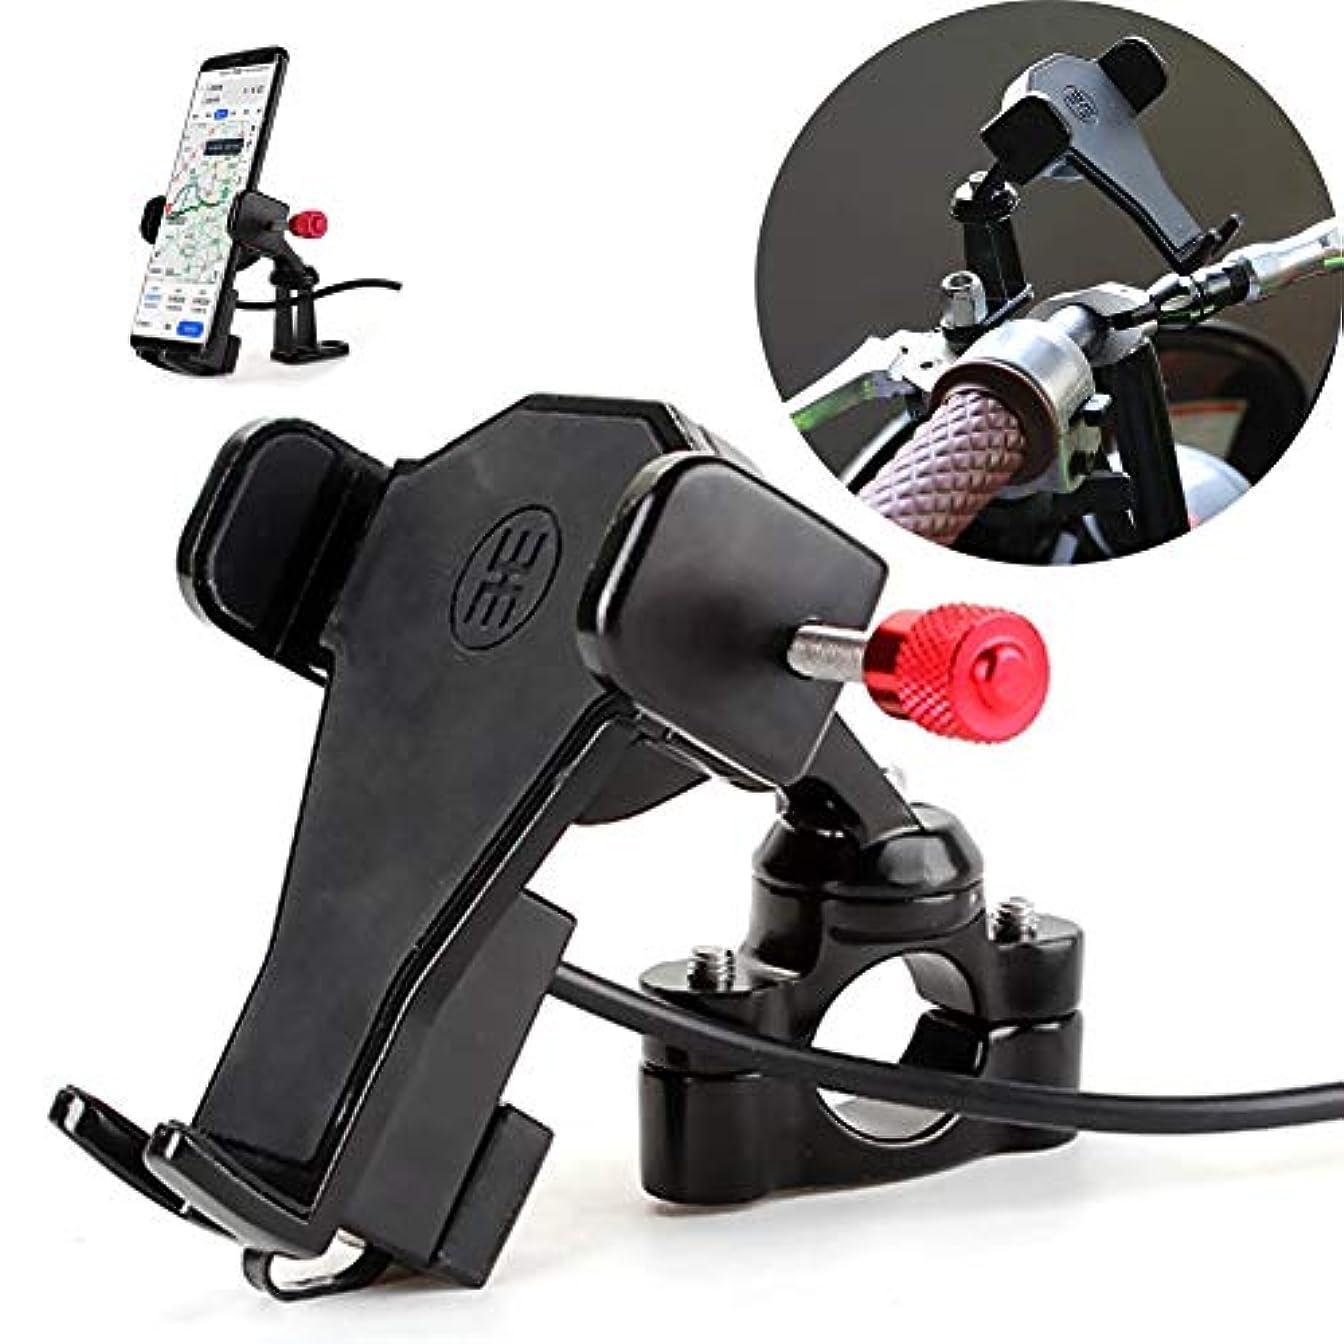 クラシカル褐色政府自転車オートバイ携帯電話マウントホルダー - USB充電器付き360度回転、3.5-6.6インチ電話に適しています、あらゆるスマートフォンGPS用 - ユニバーサルマウンテンロードバイクオートバイ